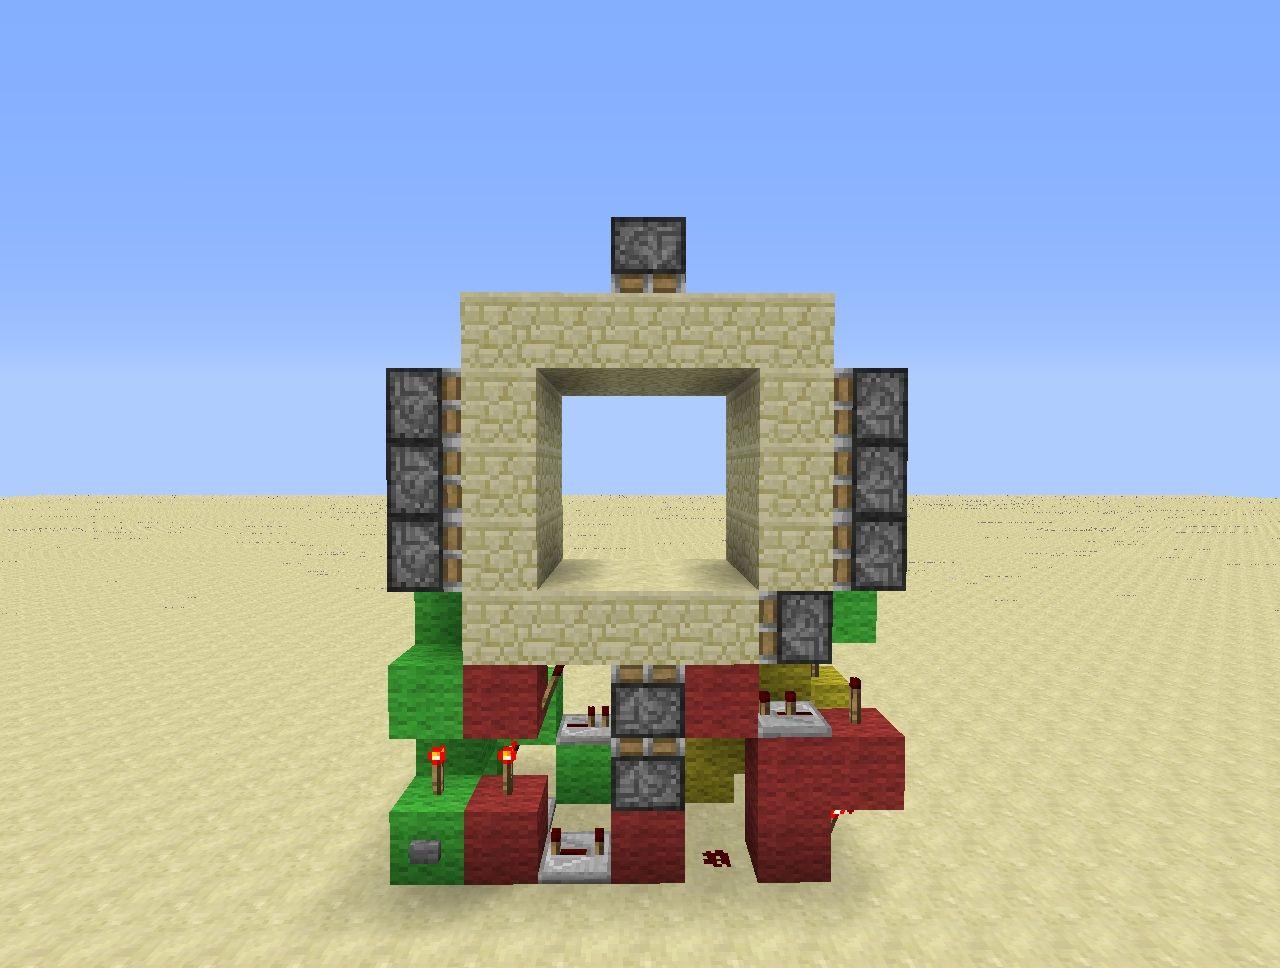 Minecraft Super Compact 3x3 Piston Door Tutorial [3x7!] Minecraft Project & Minecraft Super Compact 3x3 Piston Door Tutorial [3x7!] Minecraft ... Pezcame.Com